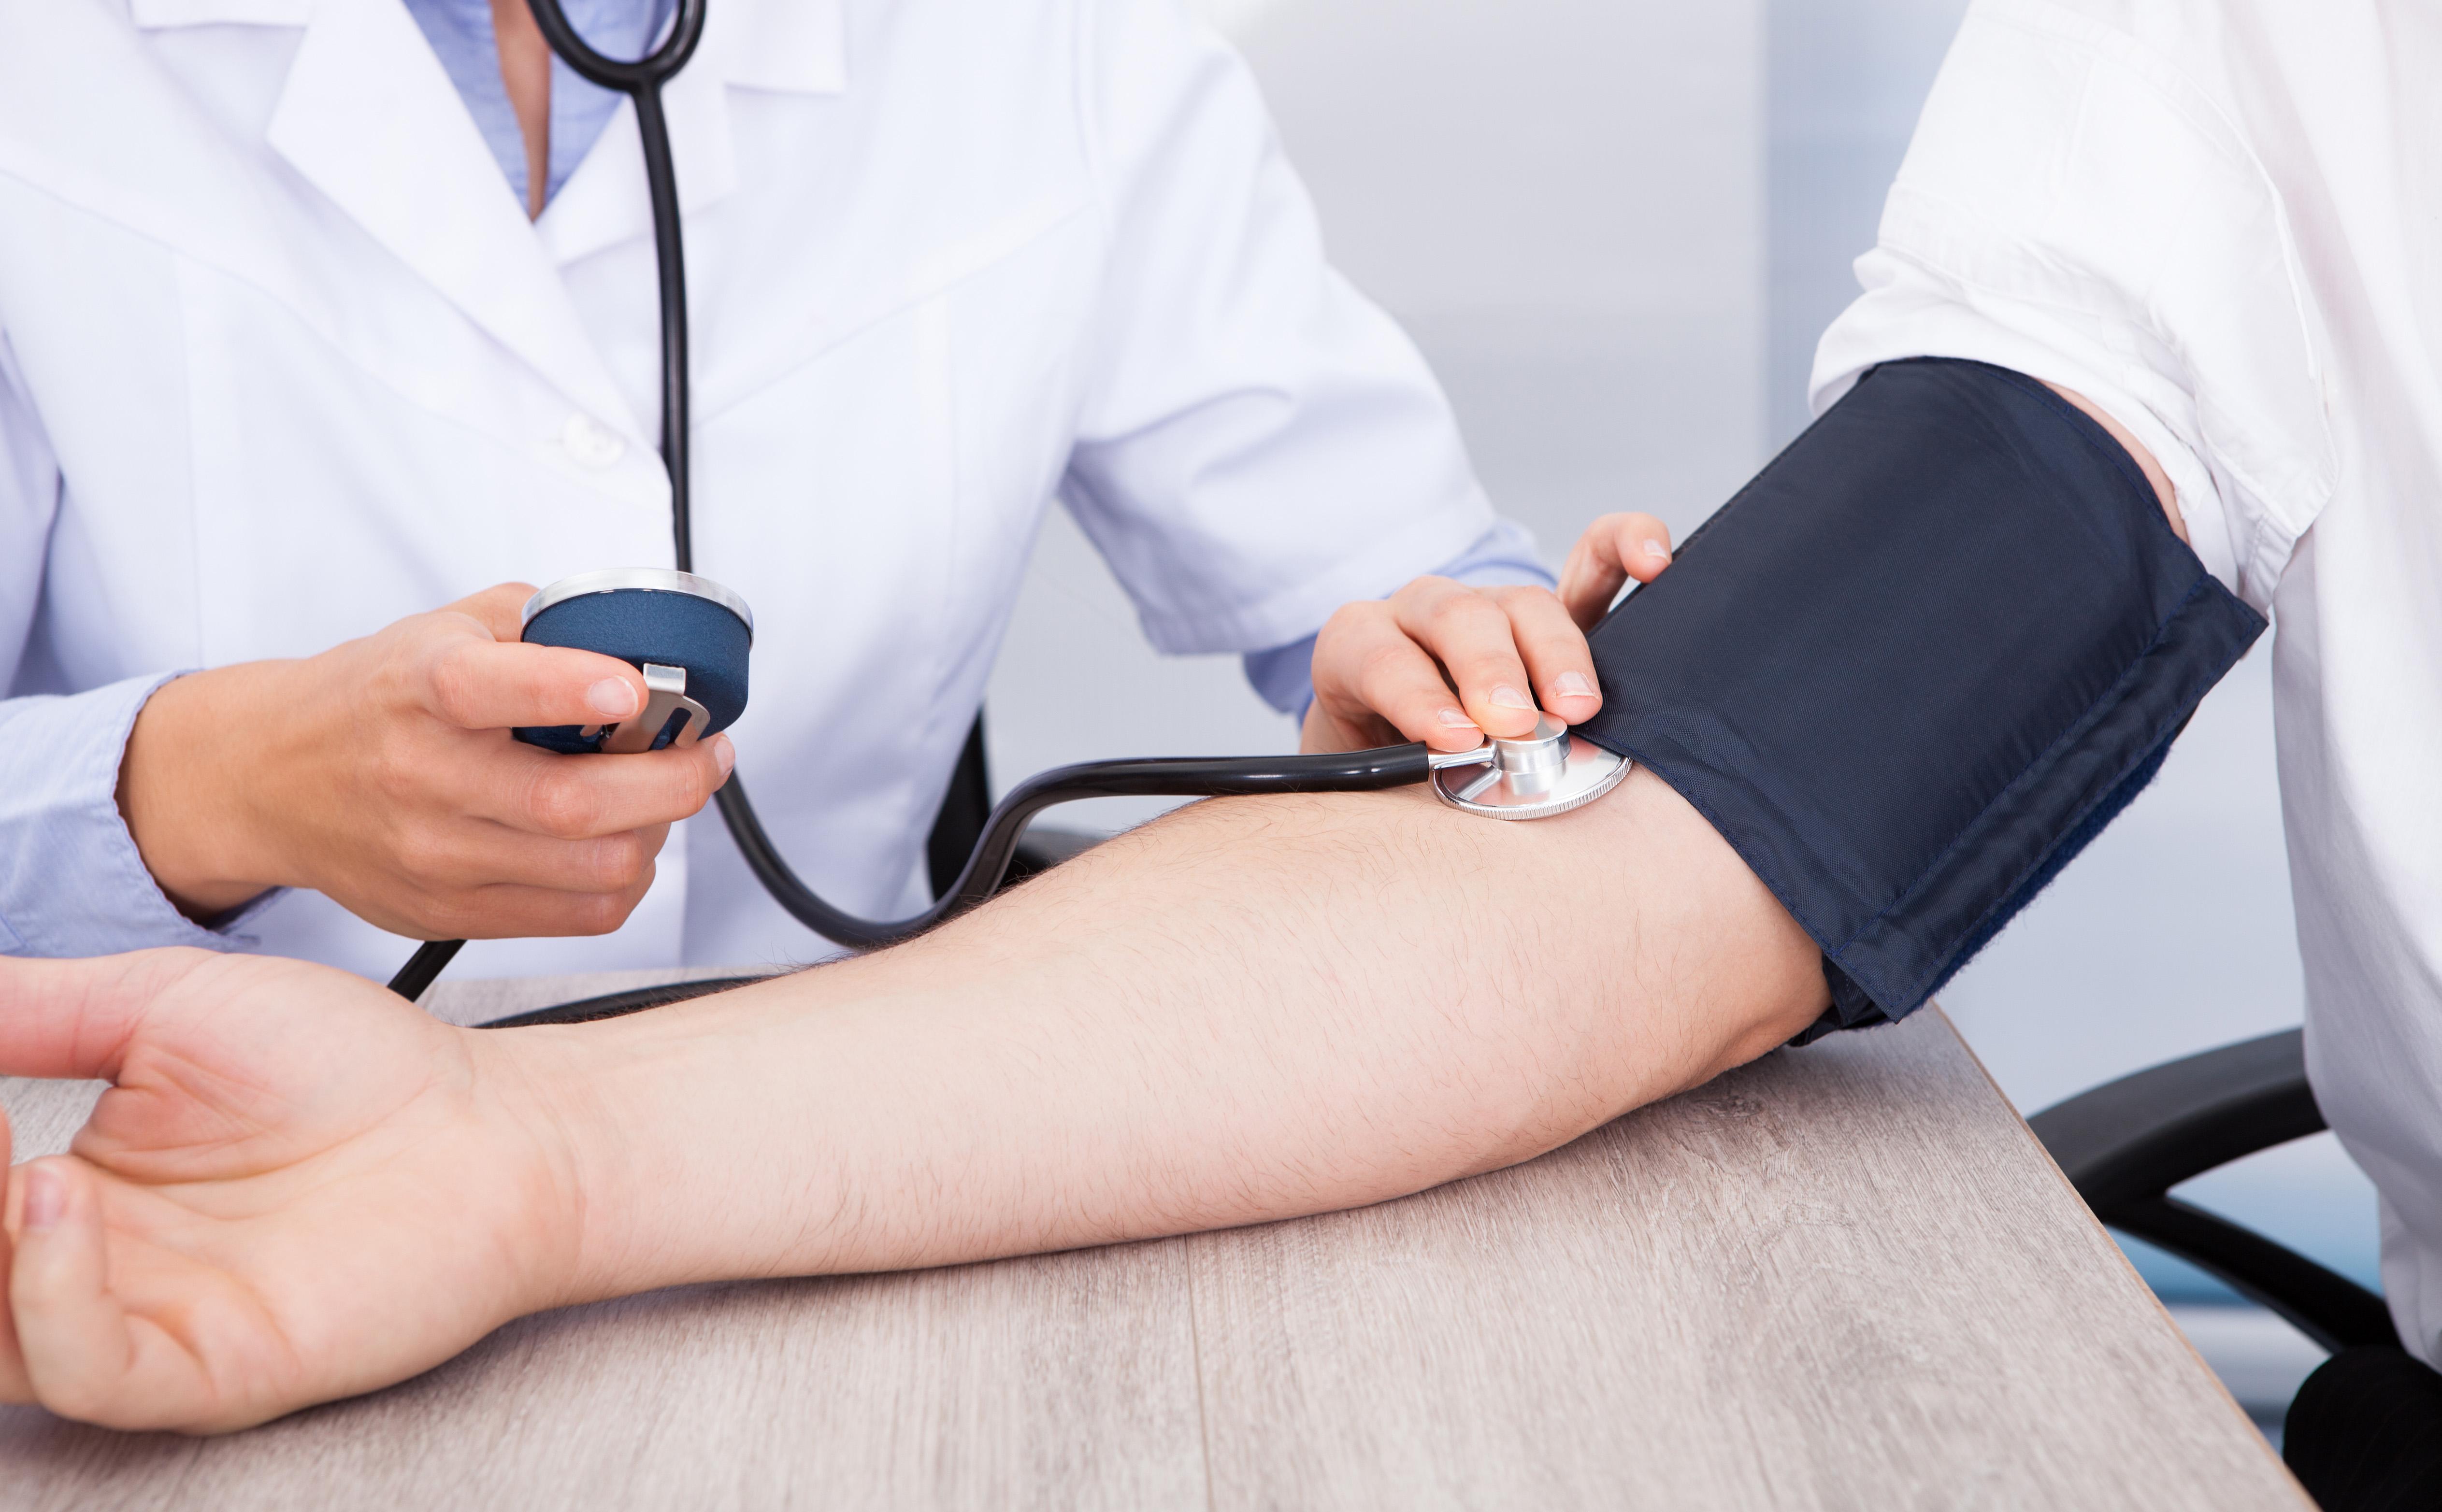 milyen eszközökkel jár a magas vérnyomás)